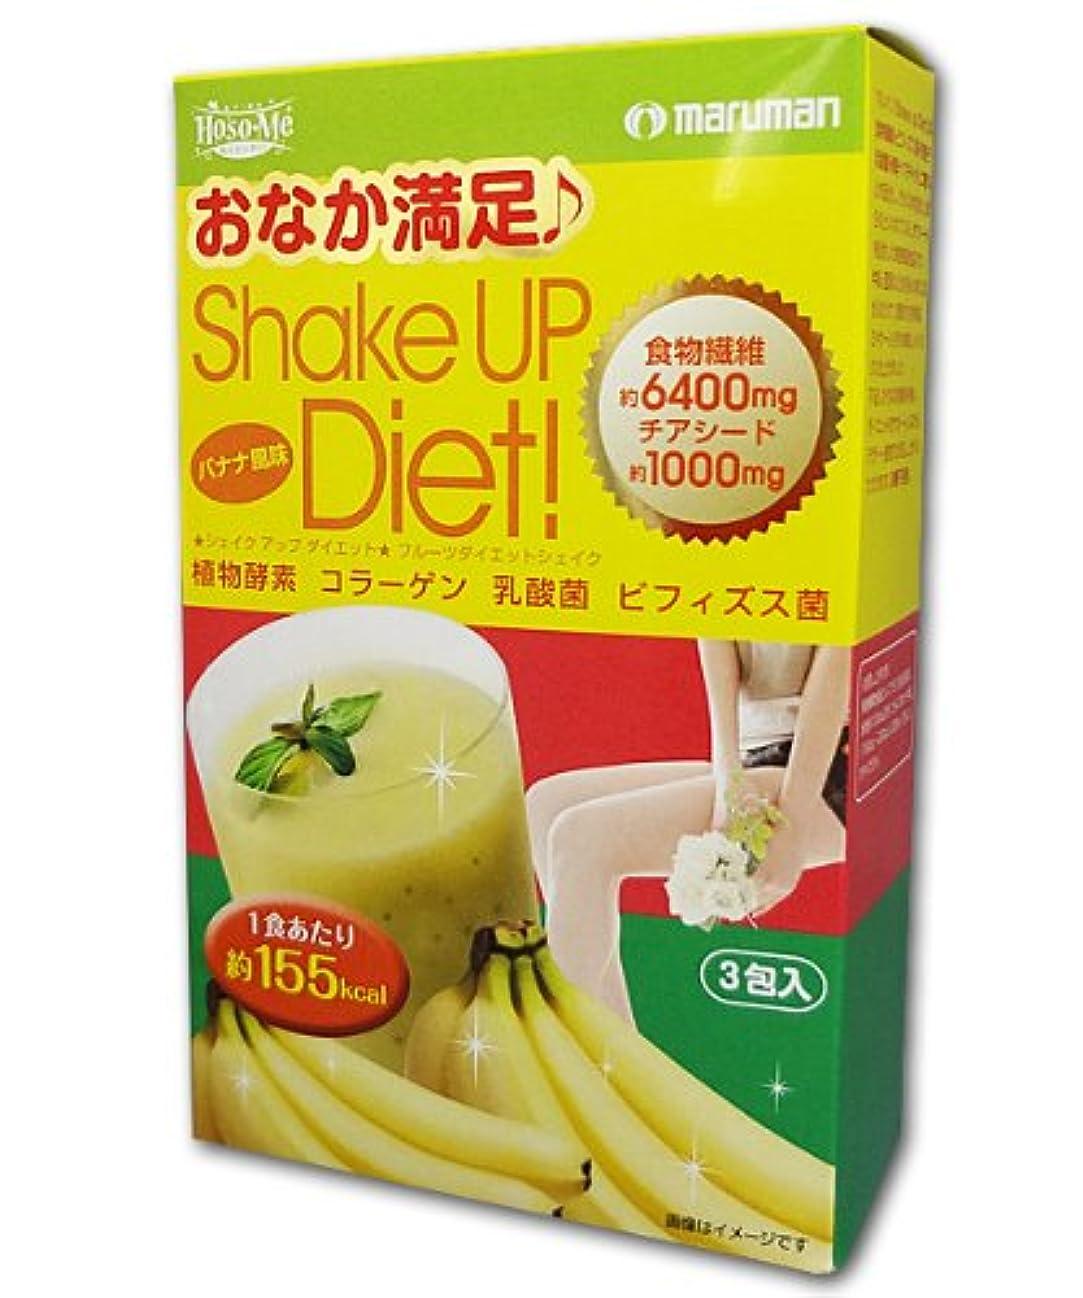 メディア適度な急襲マルマン シェイクアップダイエット バナナ風味 3包入